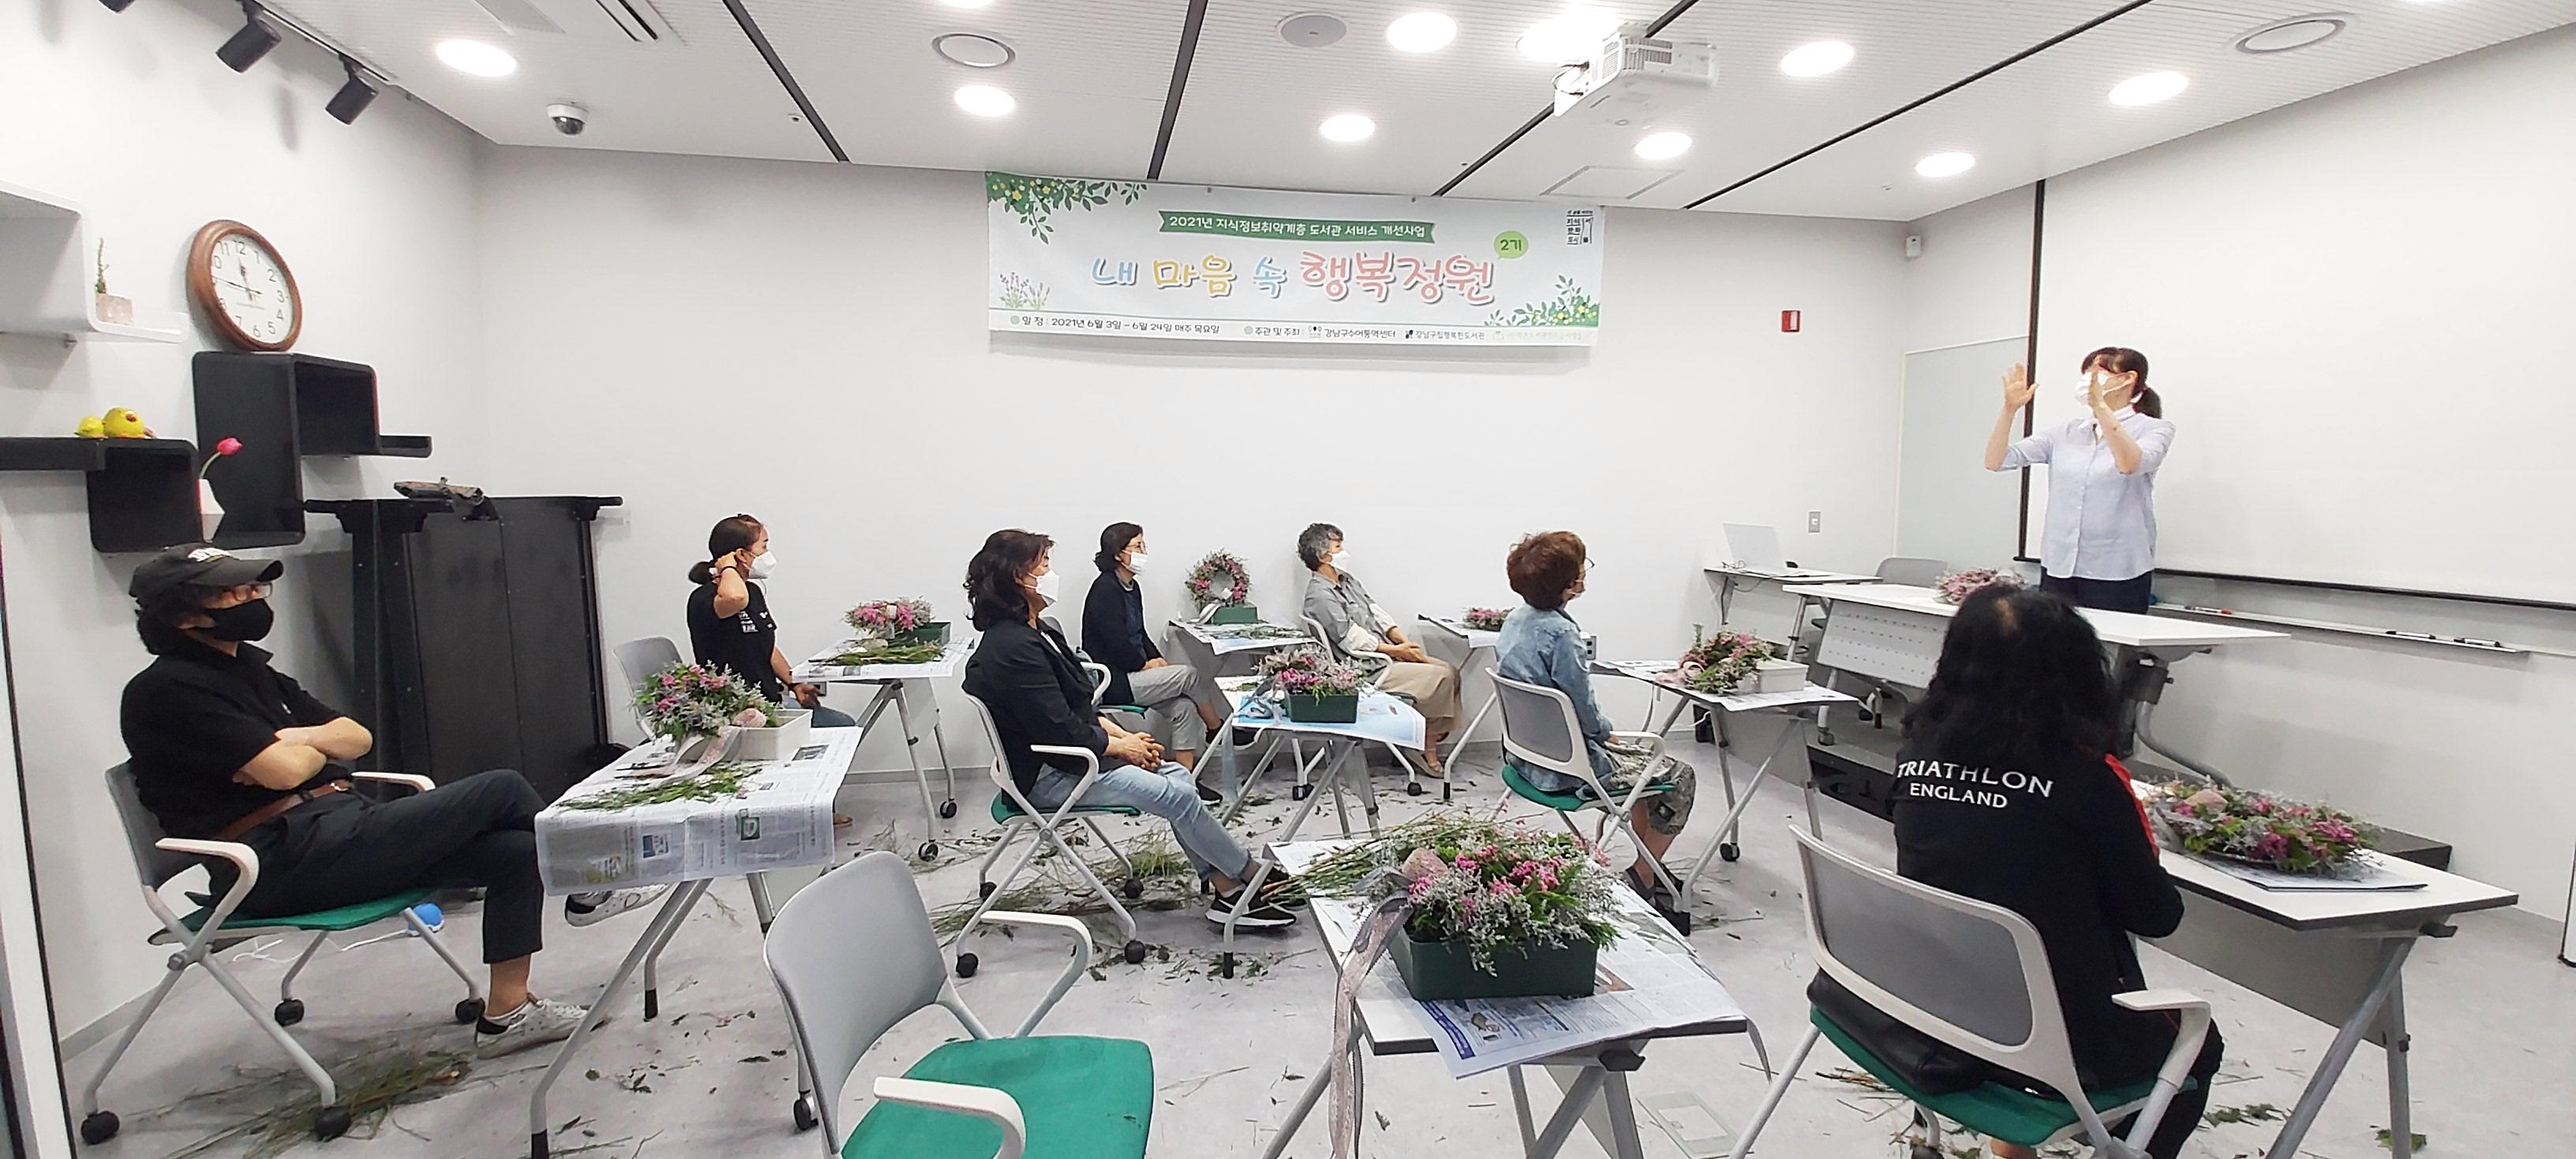 2021 내 마음 속 행복정원 원예교실 (4회기)